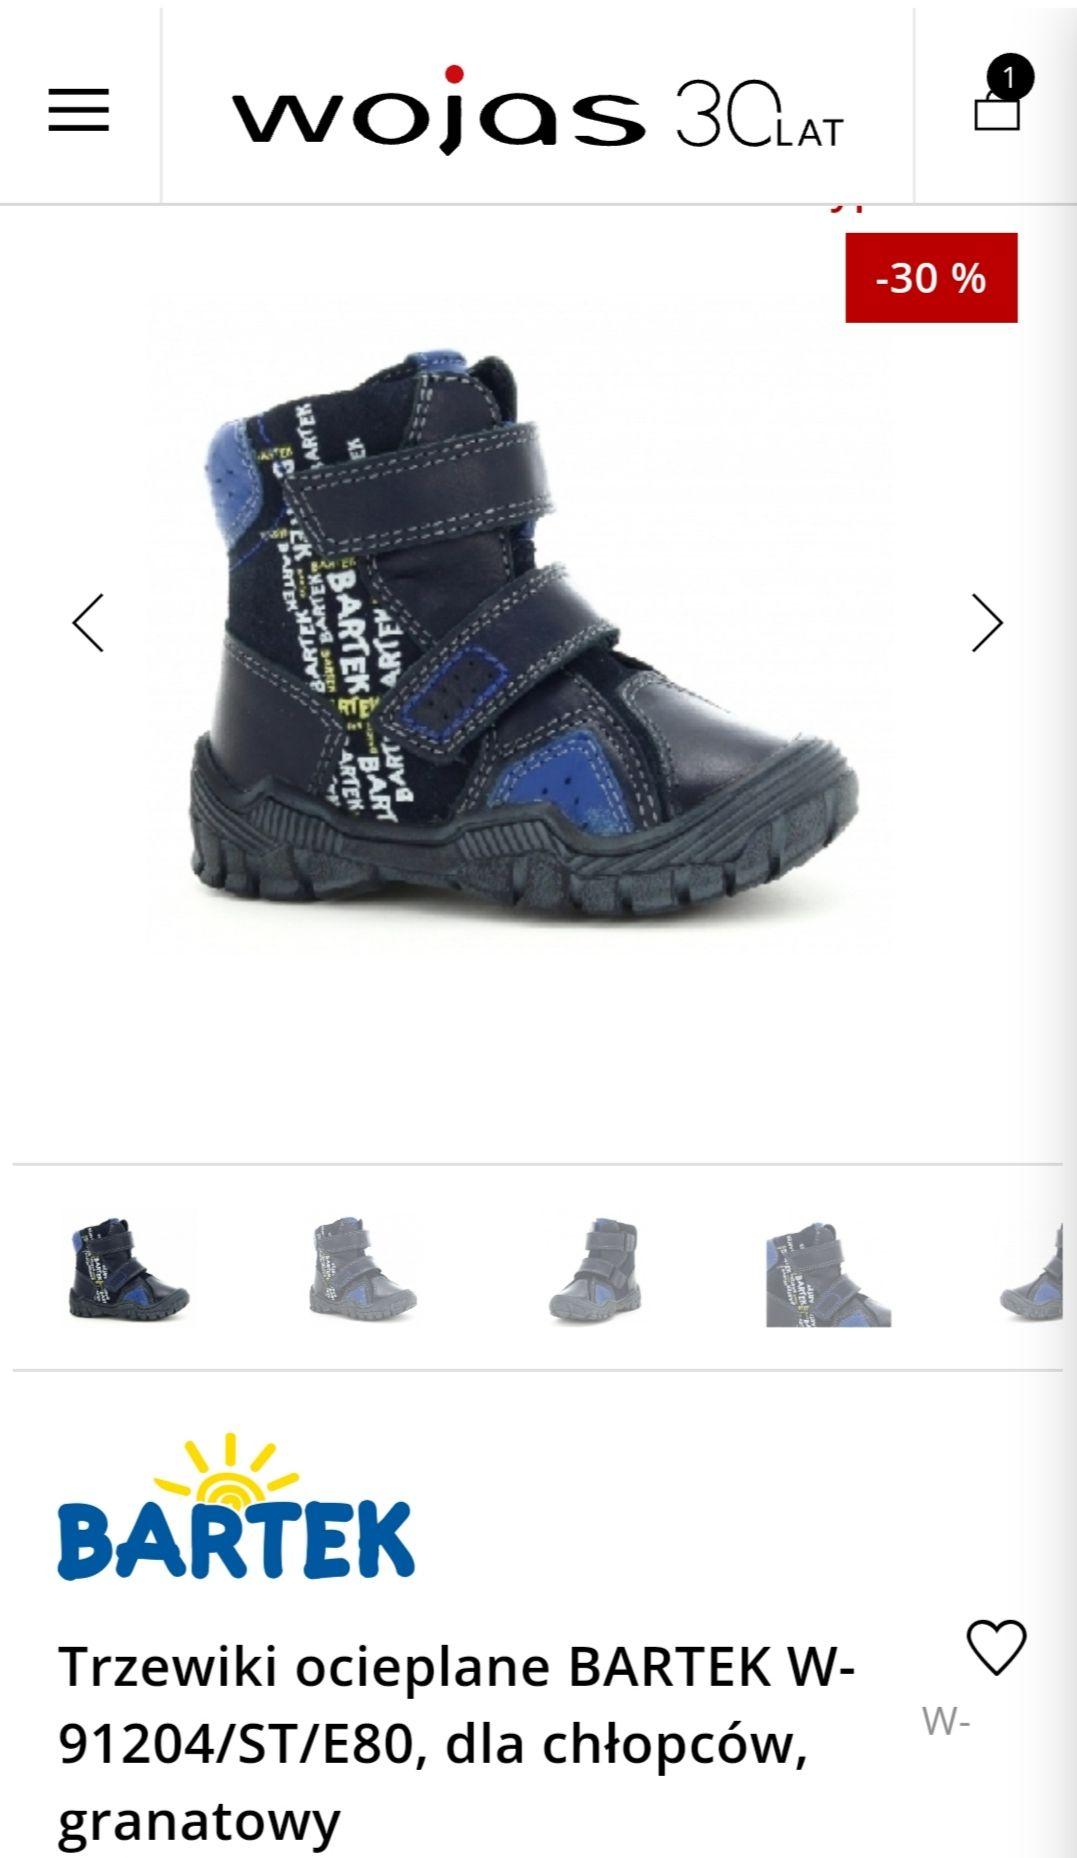 Trzewiki ocieplane Bartek dla chłopców. W opisie propozycja butów damskich i męskich.